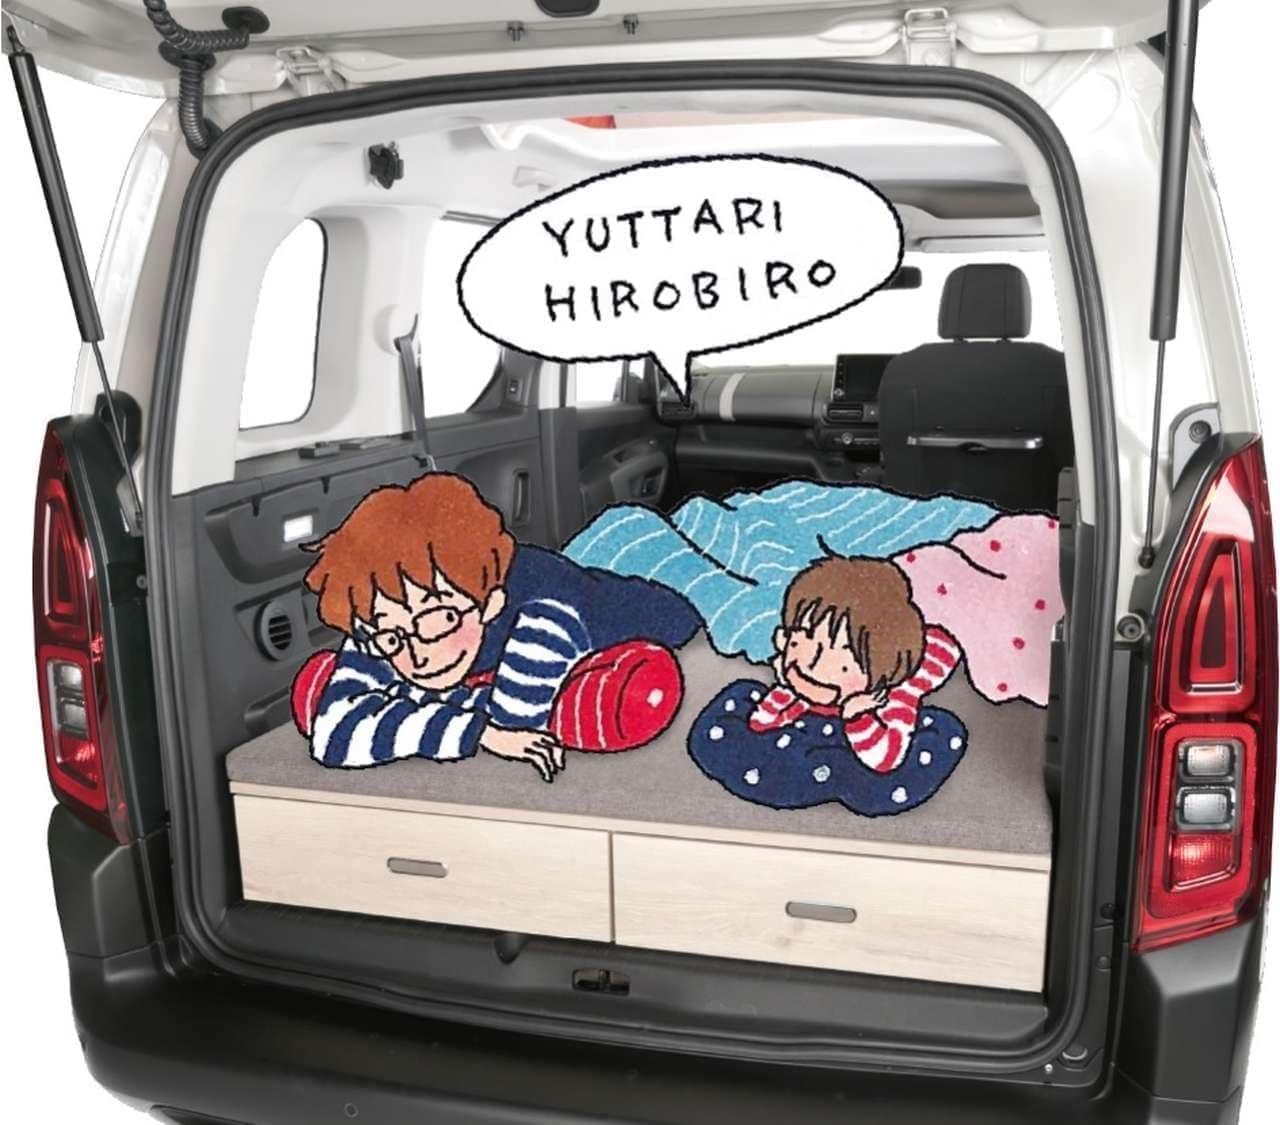 シトロエン「ベルランゴ」プジョー「リフター」で車中泊!「CAMP STAR」シリーズ発売